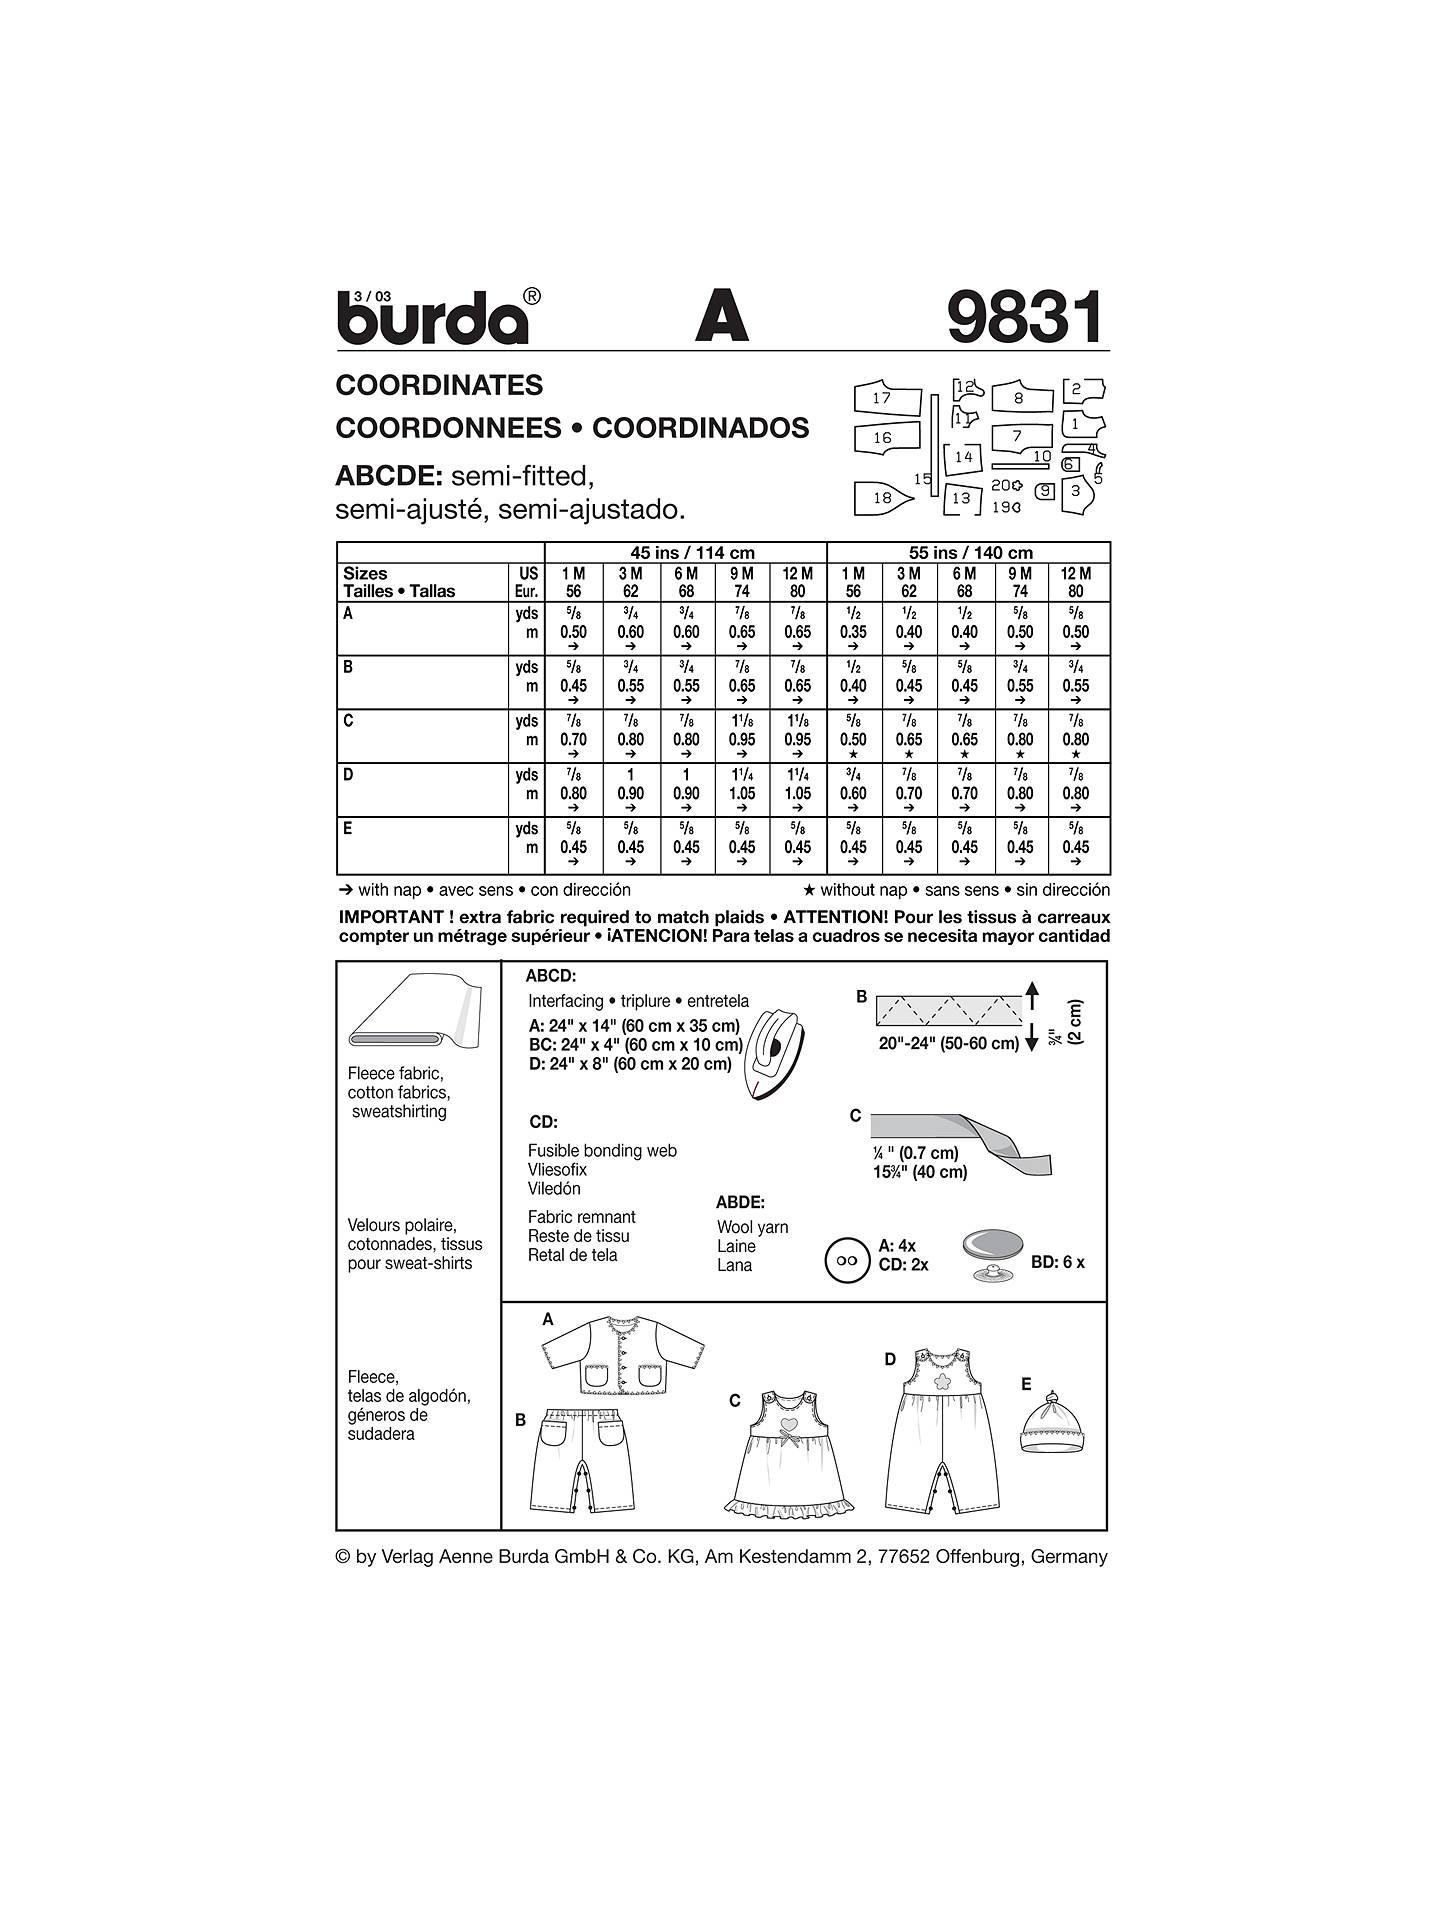 Burda Baby Coordinates Sewing Pattern, 9831 at John Lewis